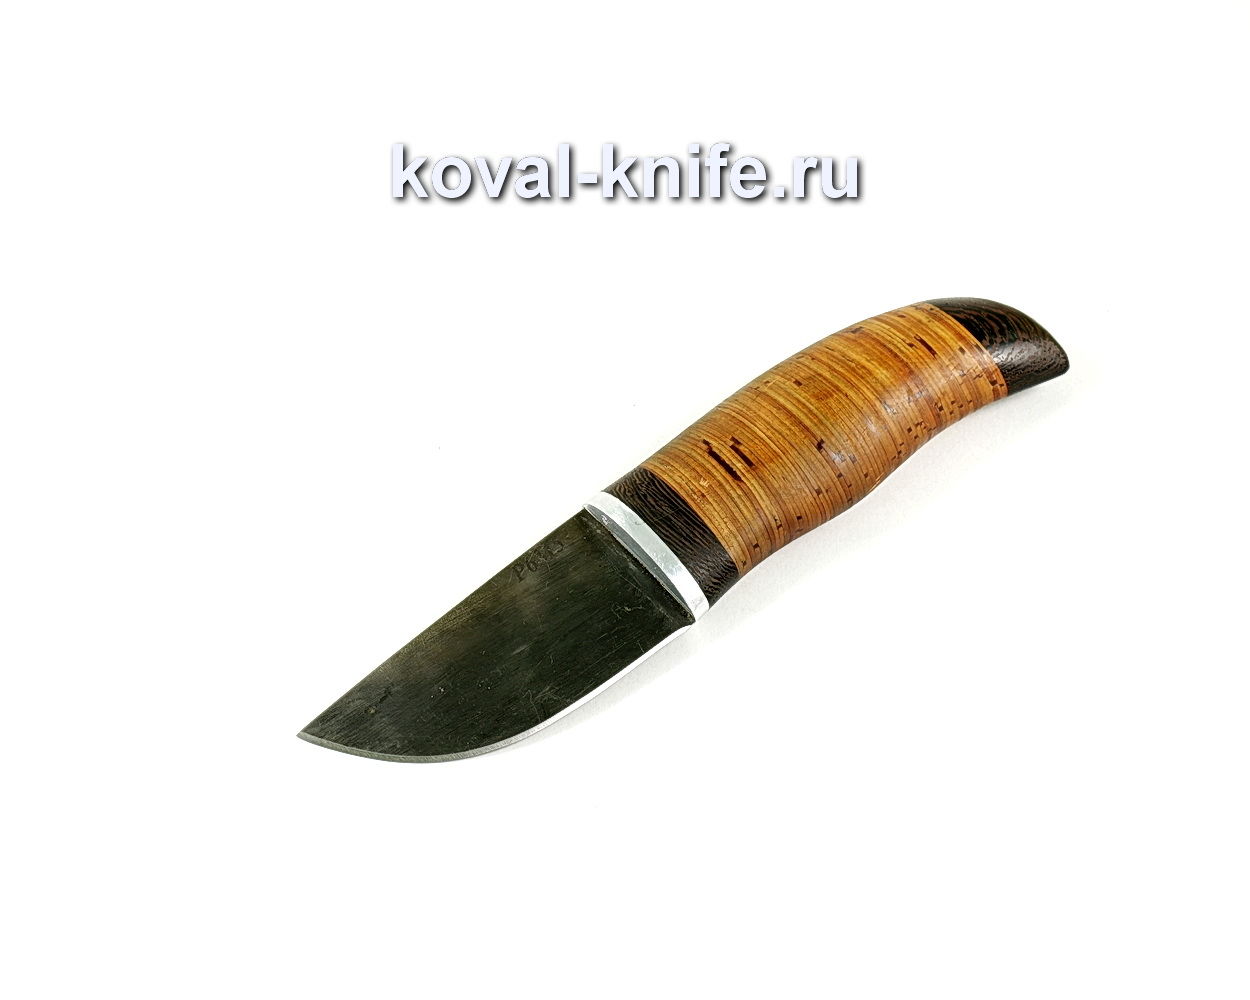 Нож Скин (сталь Р6м5), рукоять венге, береста A214